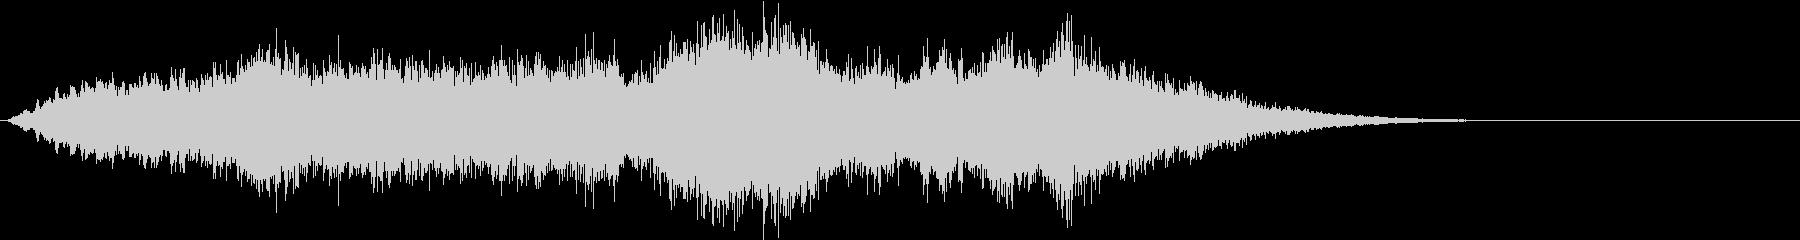 ストリングスの壮大なBGM ジングル等にの未再生の波形